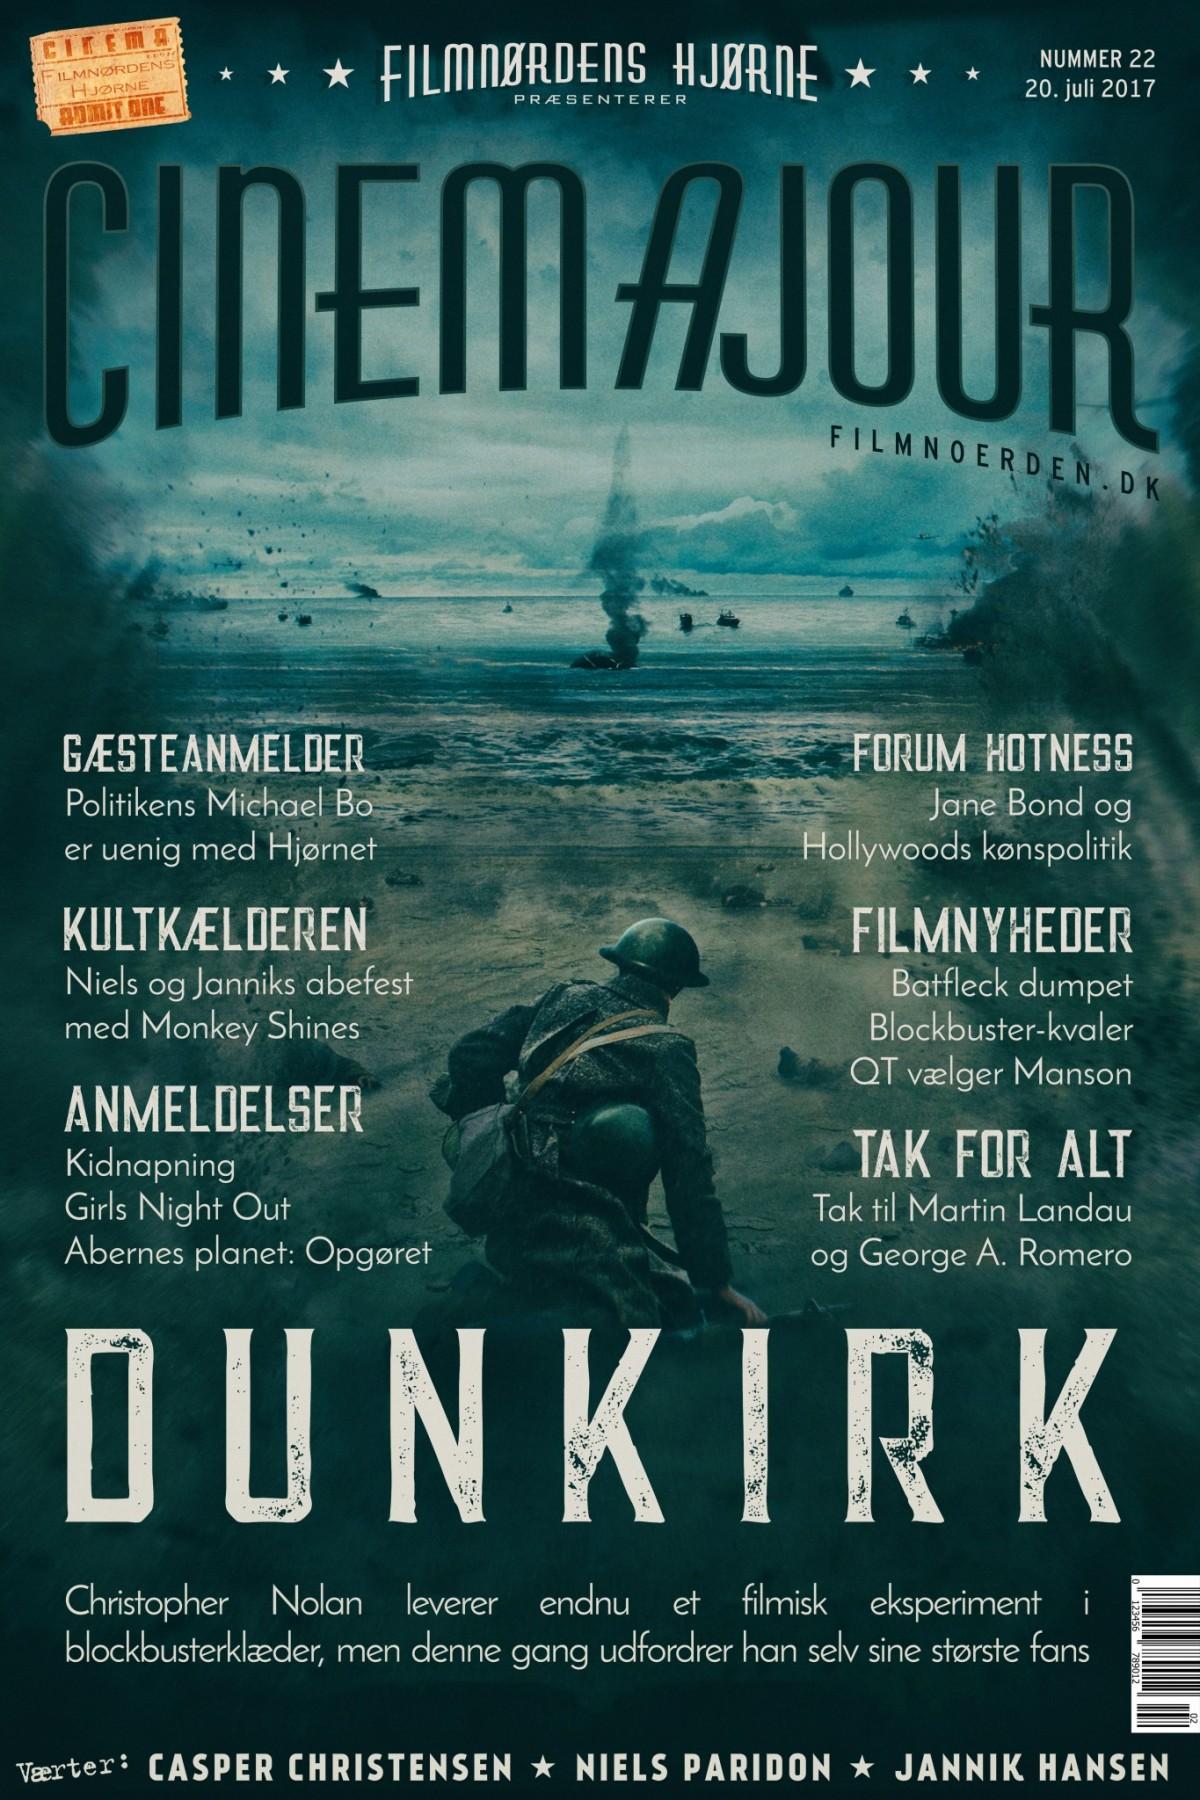 Cinemajour ep. 22